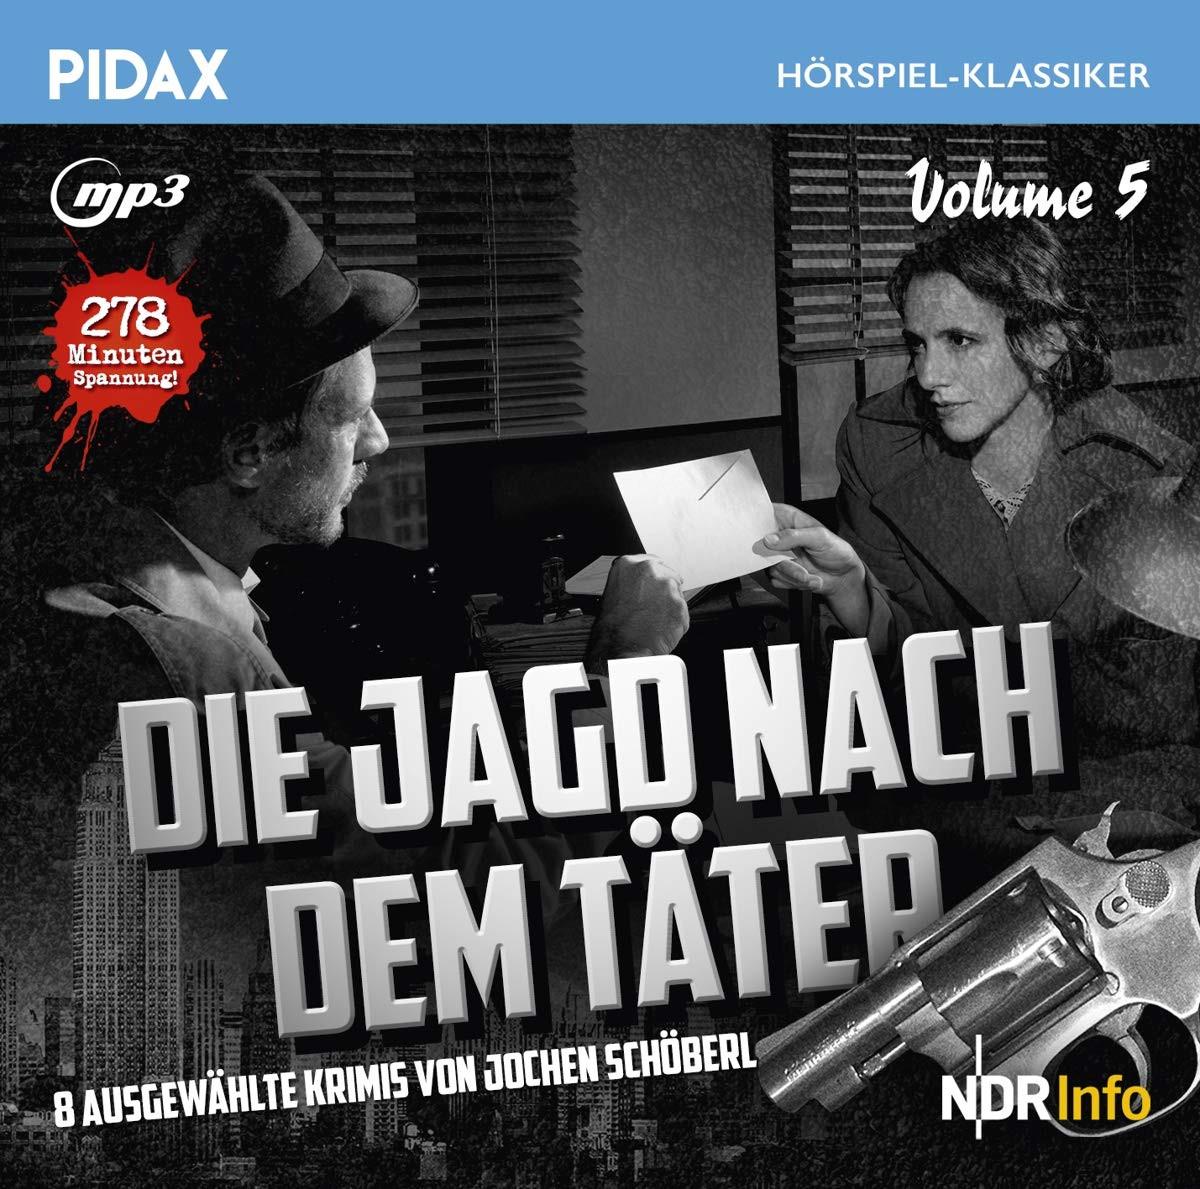 Pidax Hörspiel Klassiker - Die Jagd nach dem Täter - Vol. 5